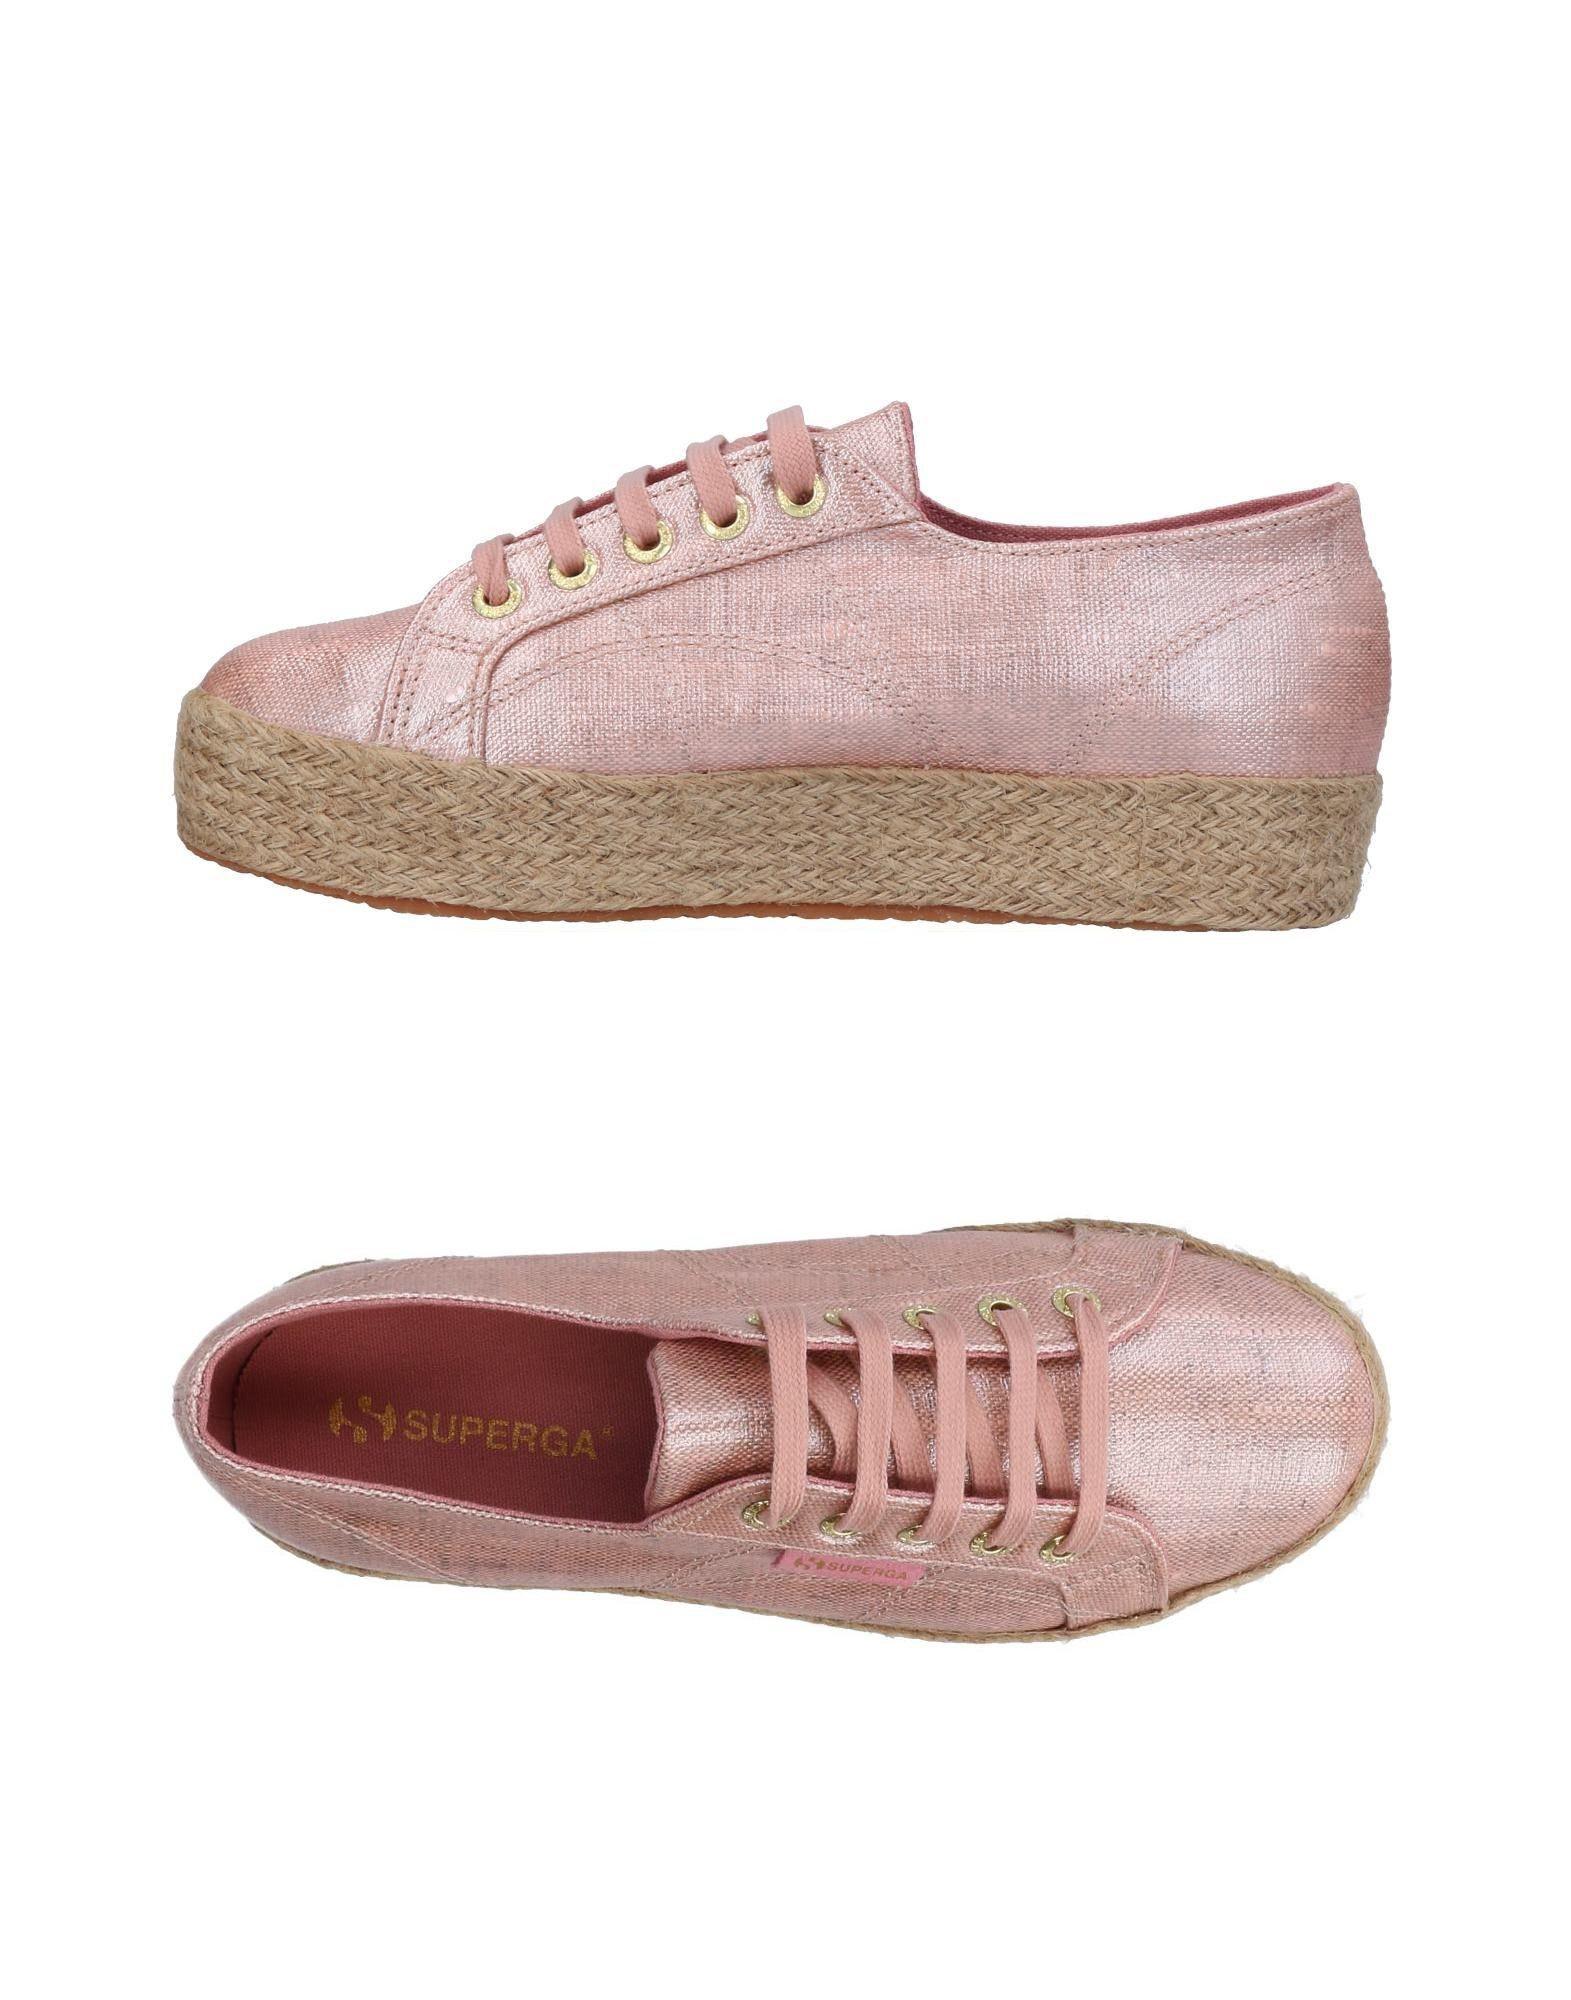 Descuento de la Zapatillas marca Zapatillas Superga® Mujer - Zapatillas la Superga®  Rosa 05520d